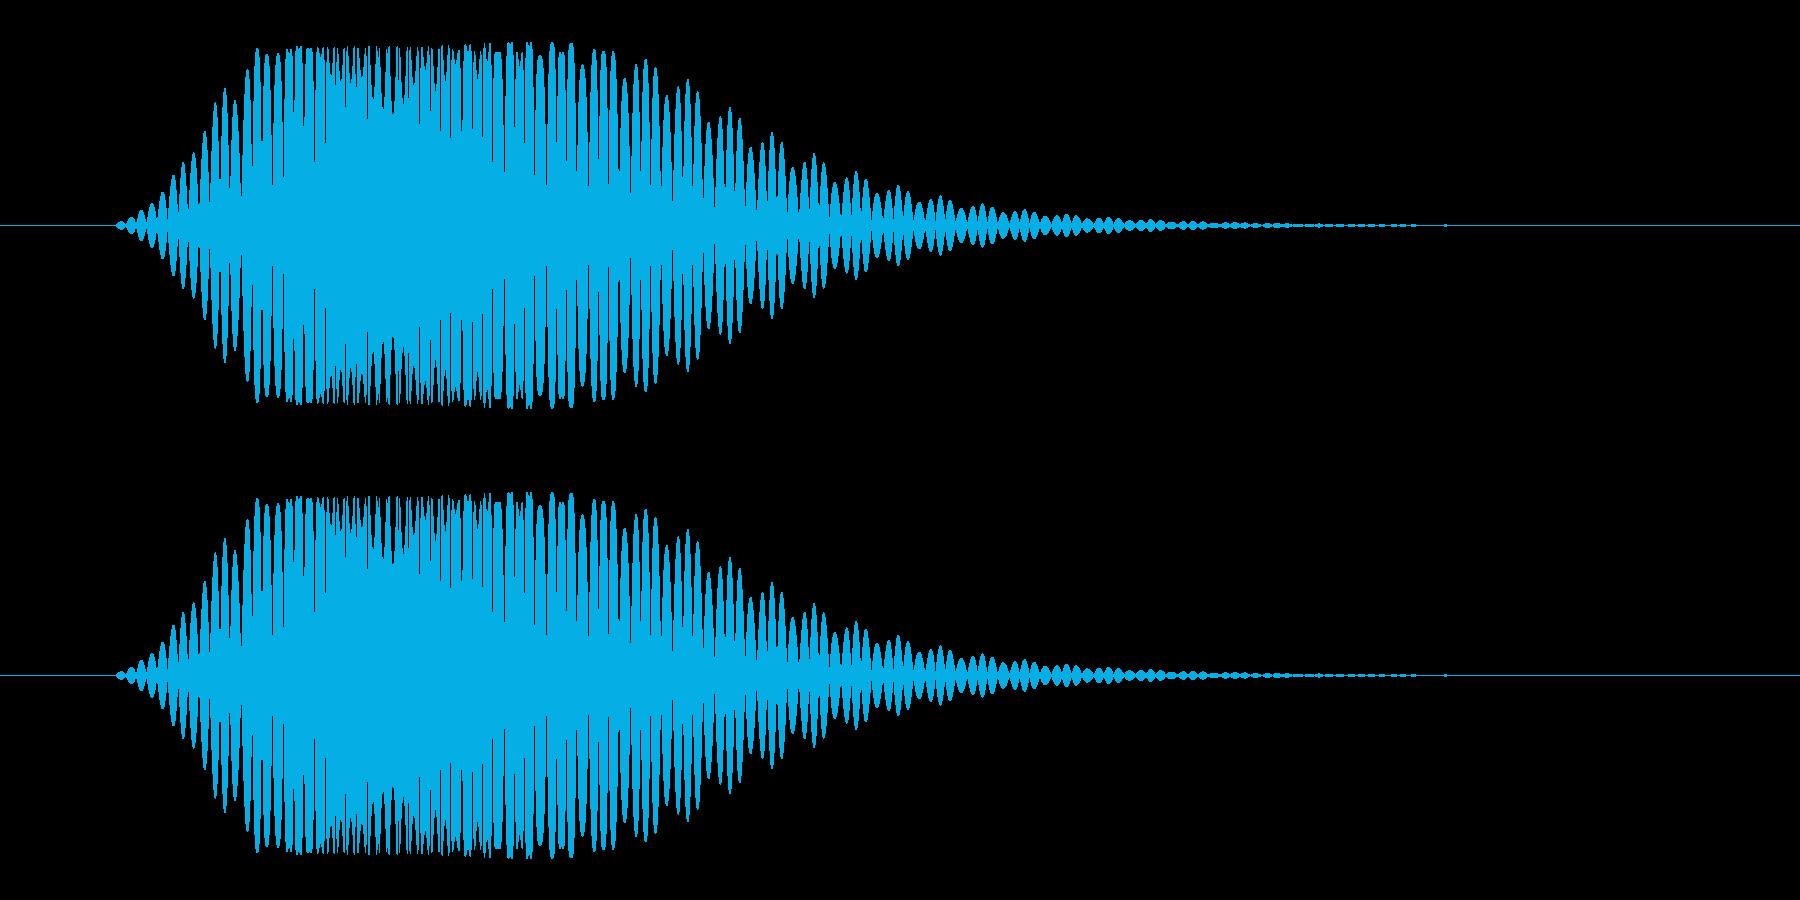 スワイプ_キャンセル(フォン)の再生済みの波形